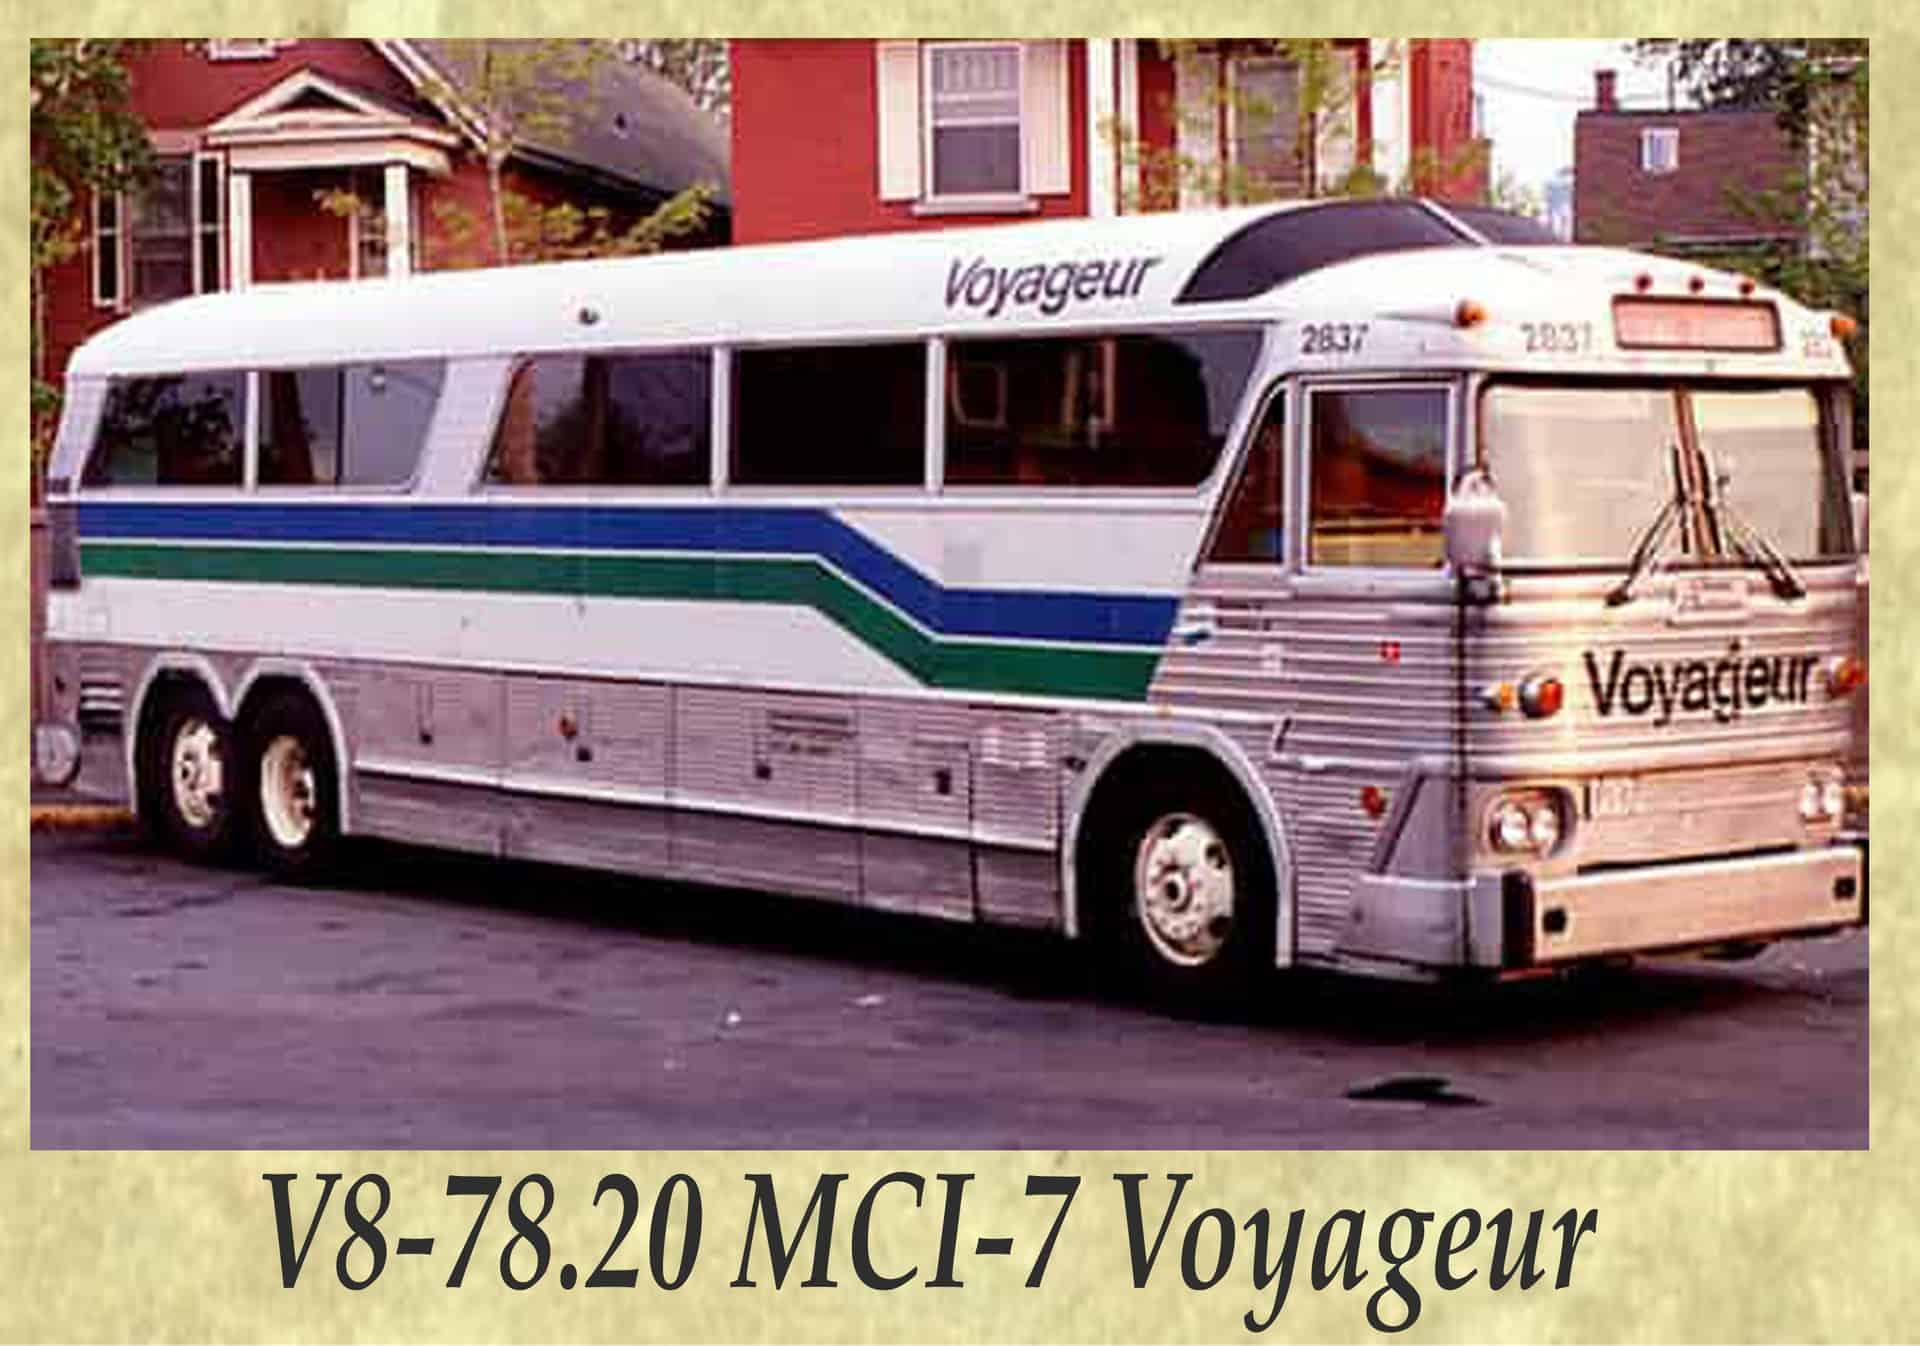 V8-78.20 MCI-7 Voyageur